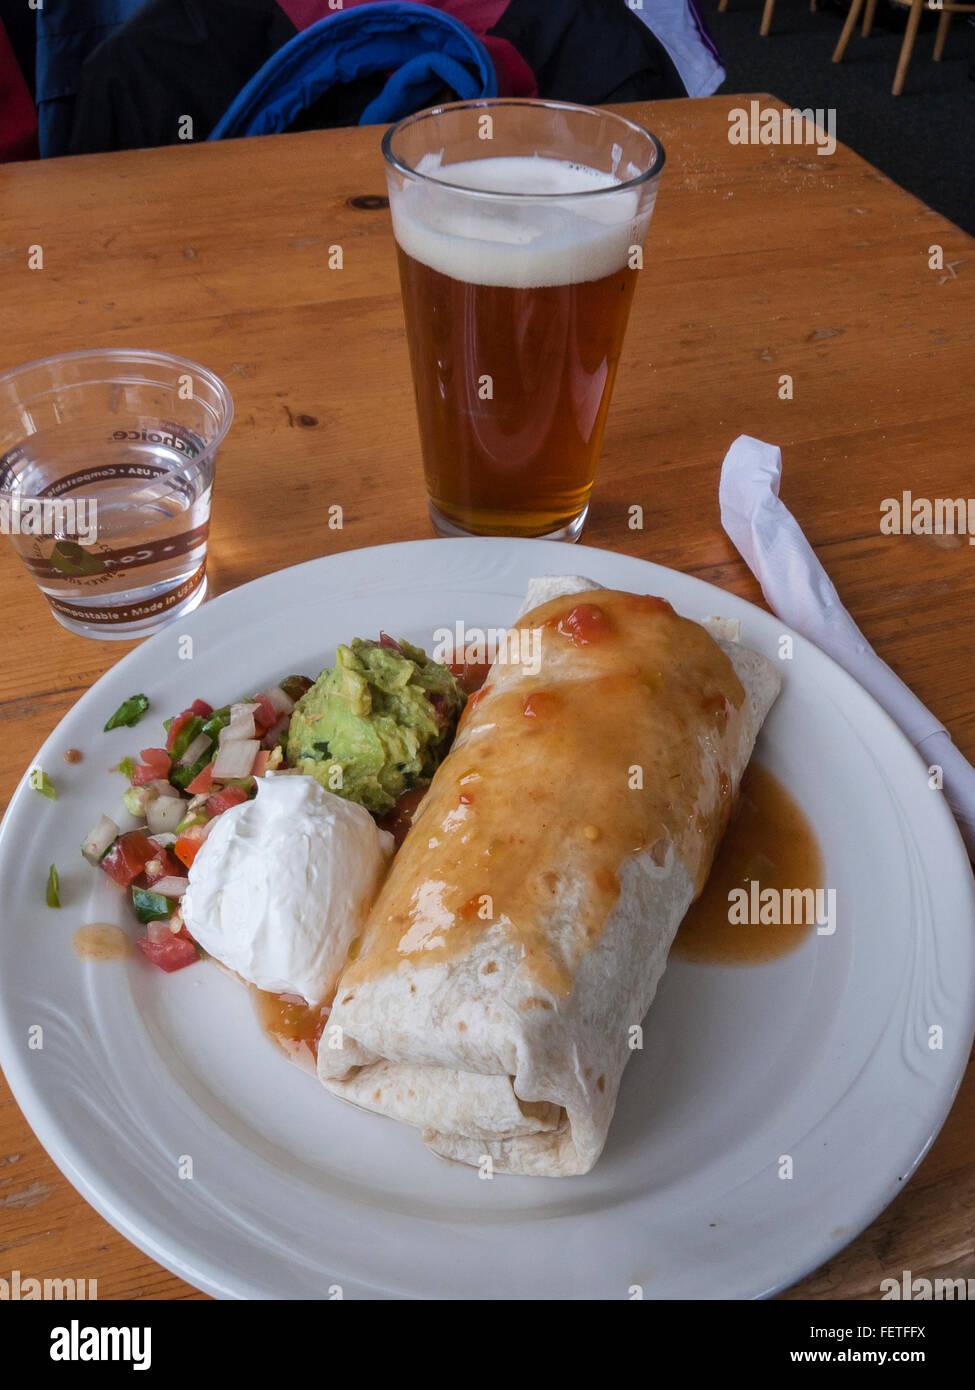 Burrito Bar Stockfotos & Burrito Bar Bilder - Alamy